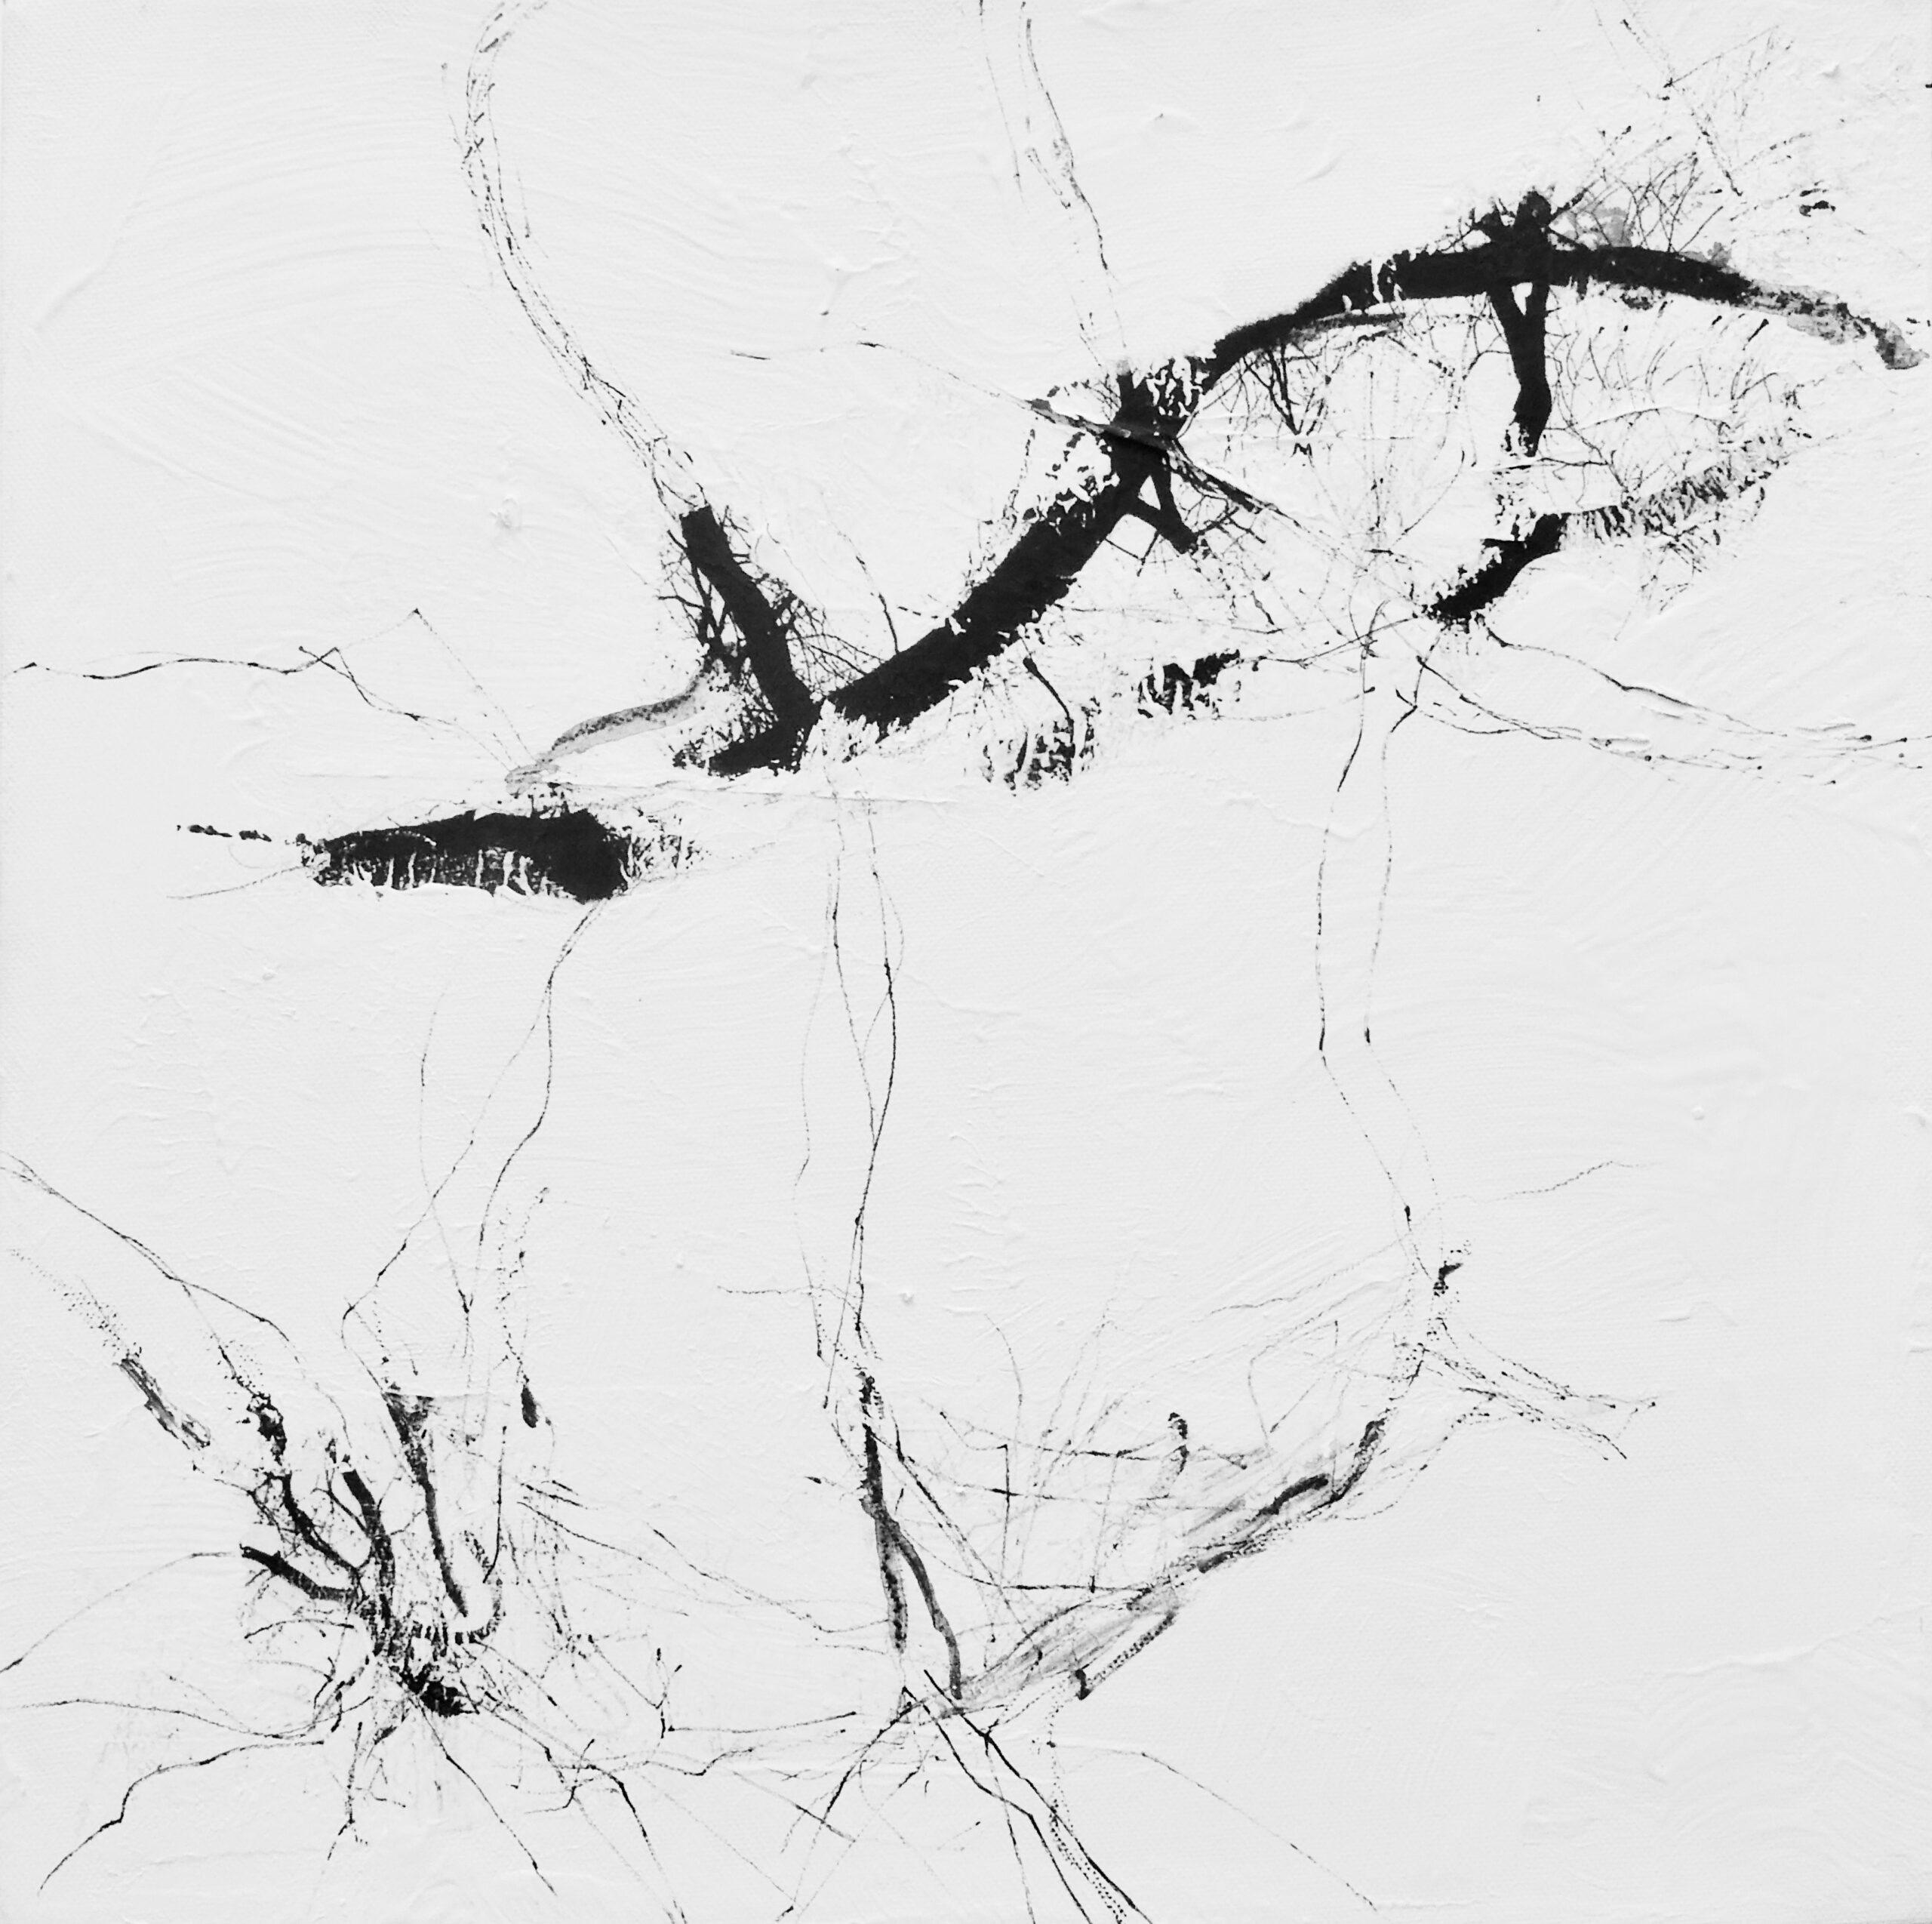 Katharina Hoehler Malerei - Mischtechnik auf Leinwand